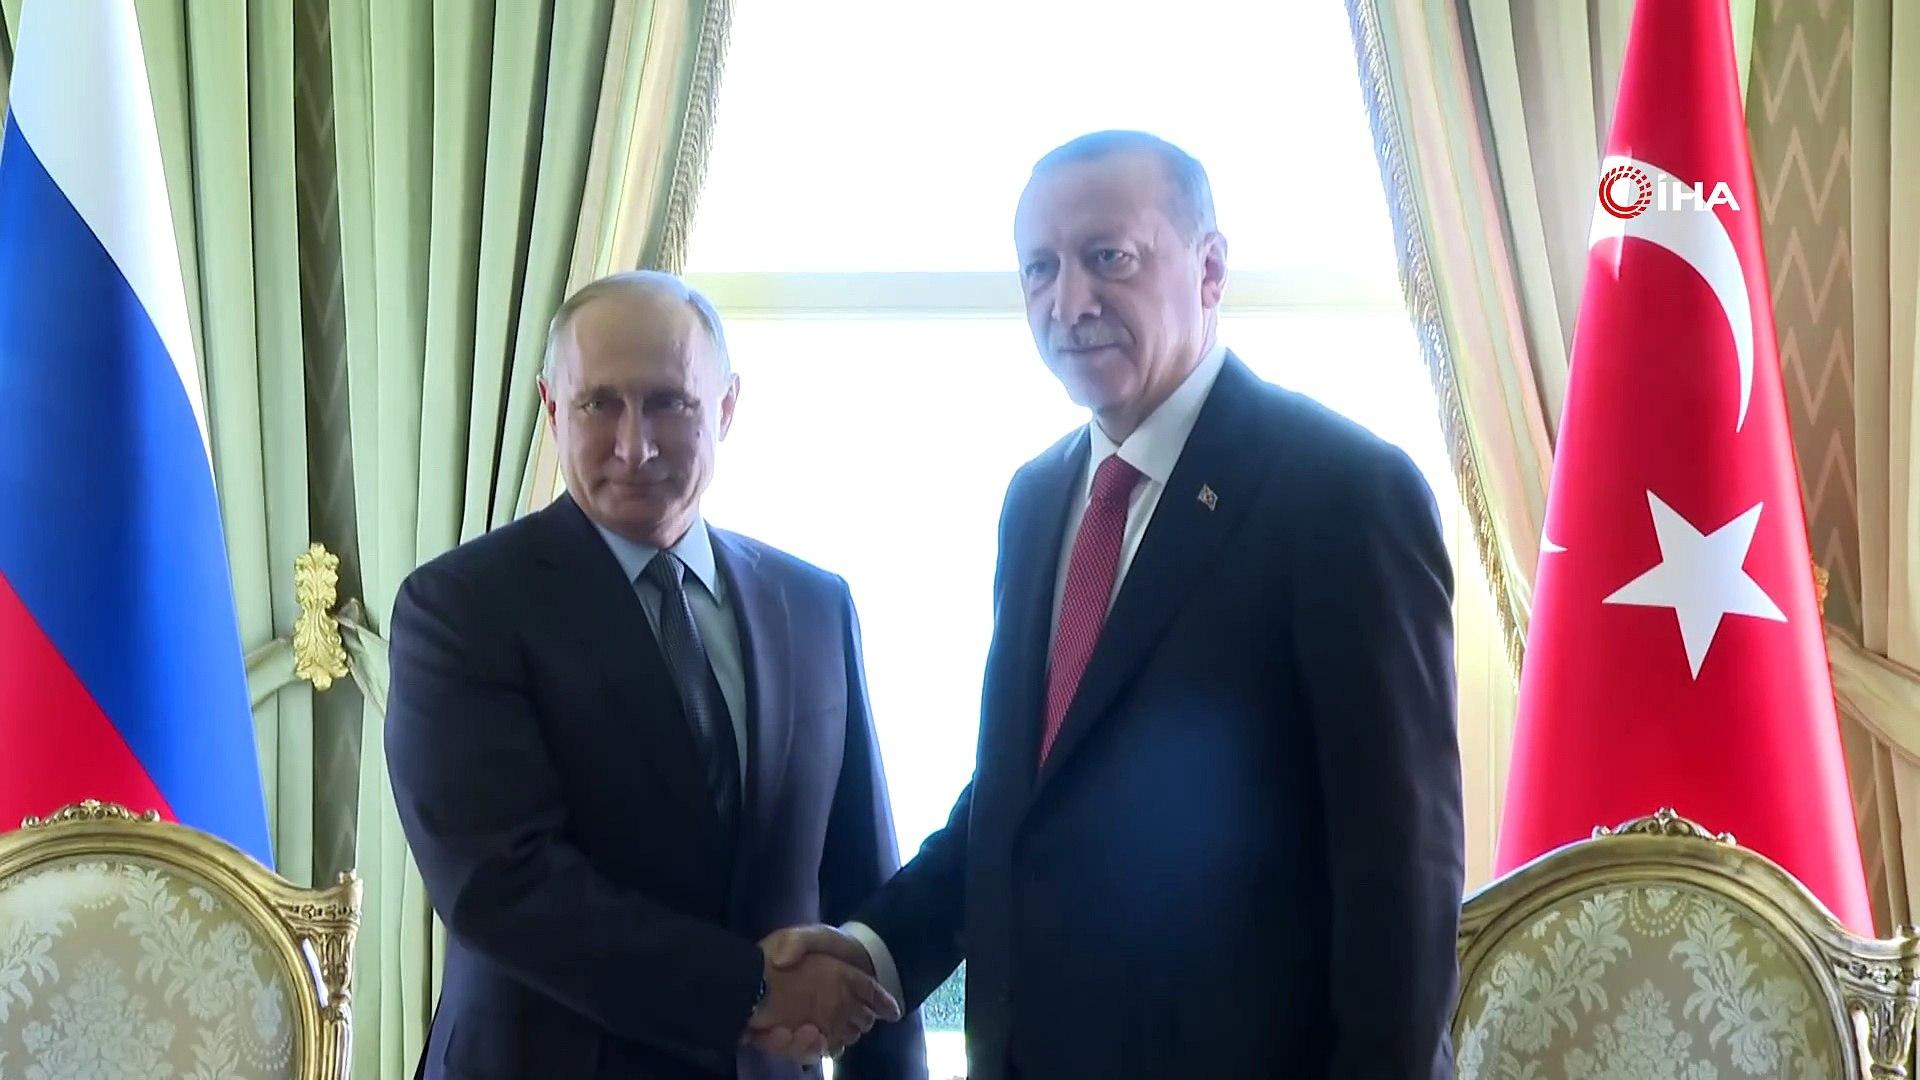 Cumhurbaşkanı Erdoğan, Vladimir Putin ile bir araya geldi